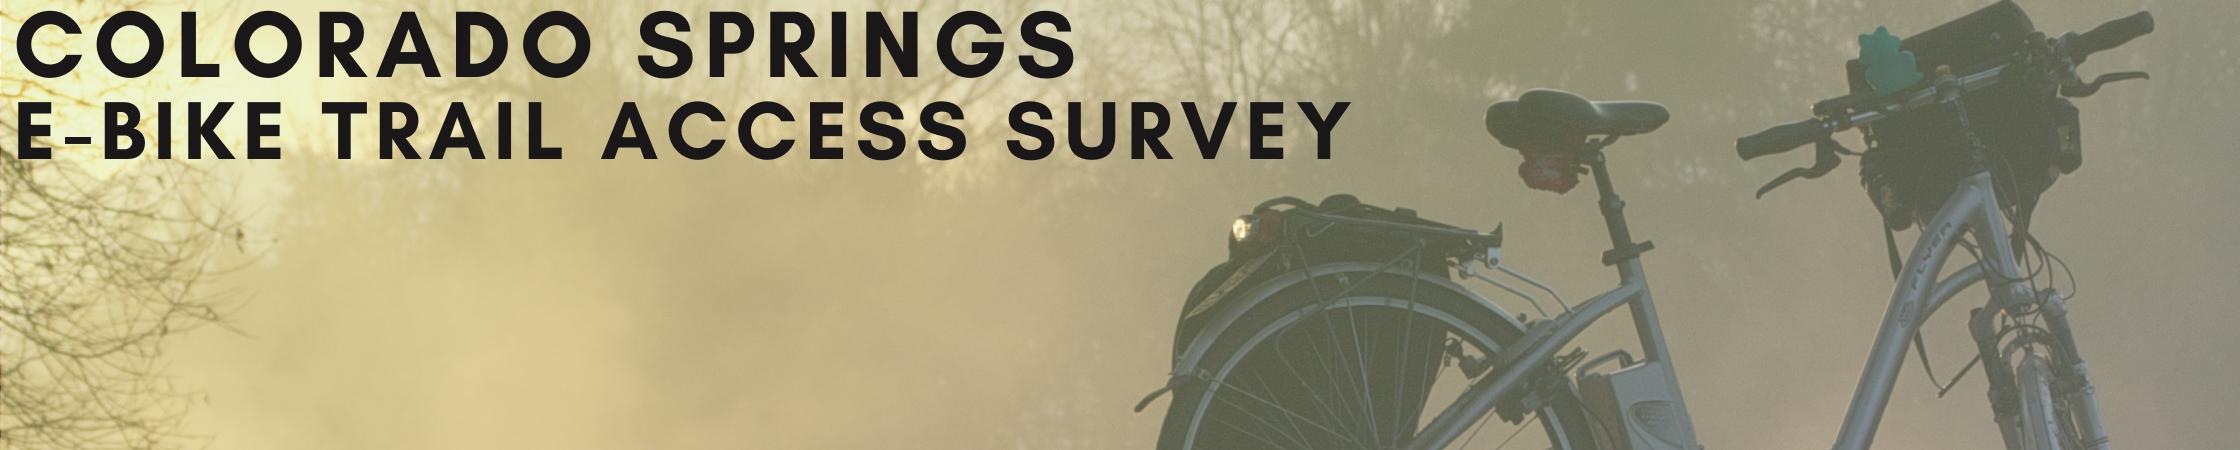 Colorado Springs Parks EBike Survey